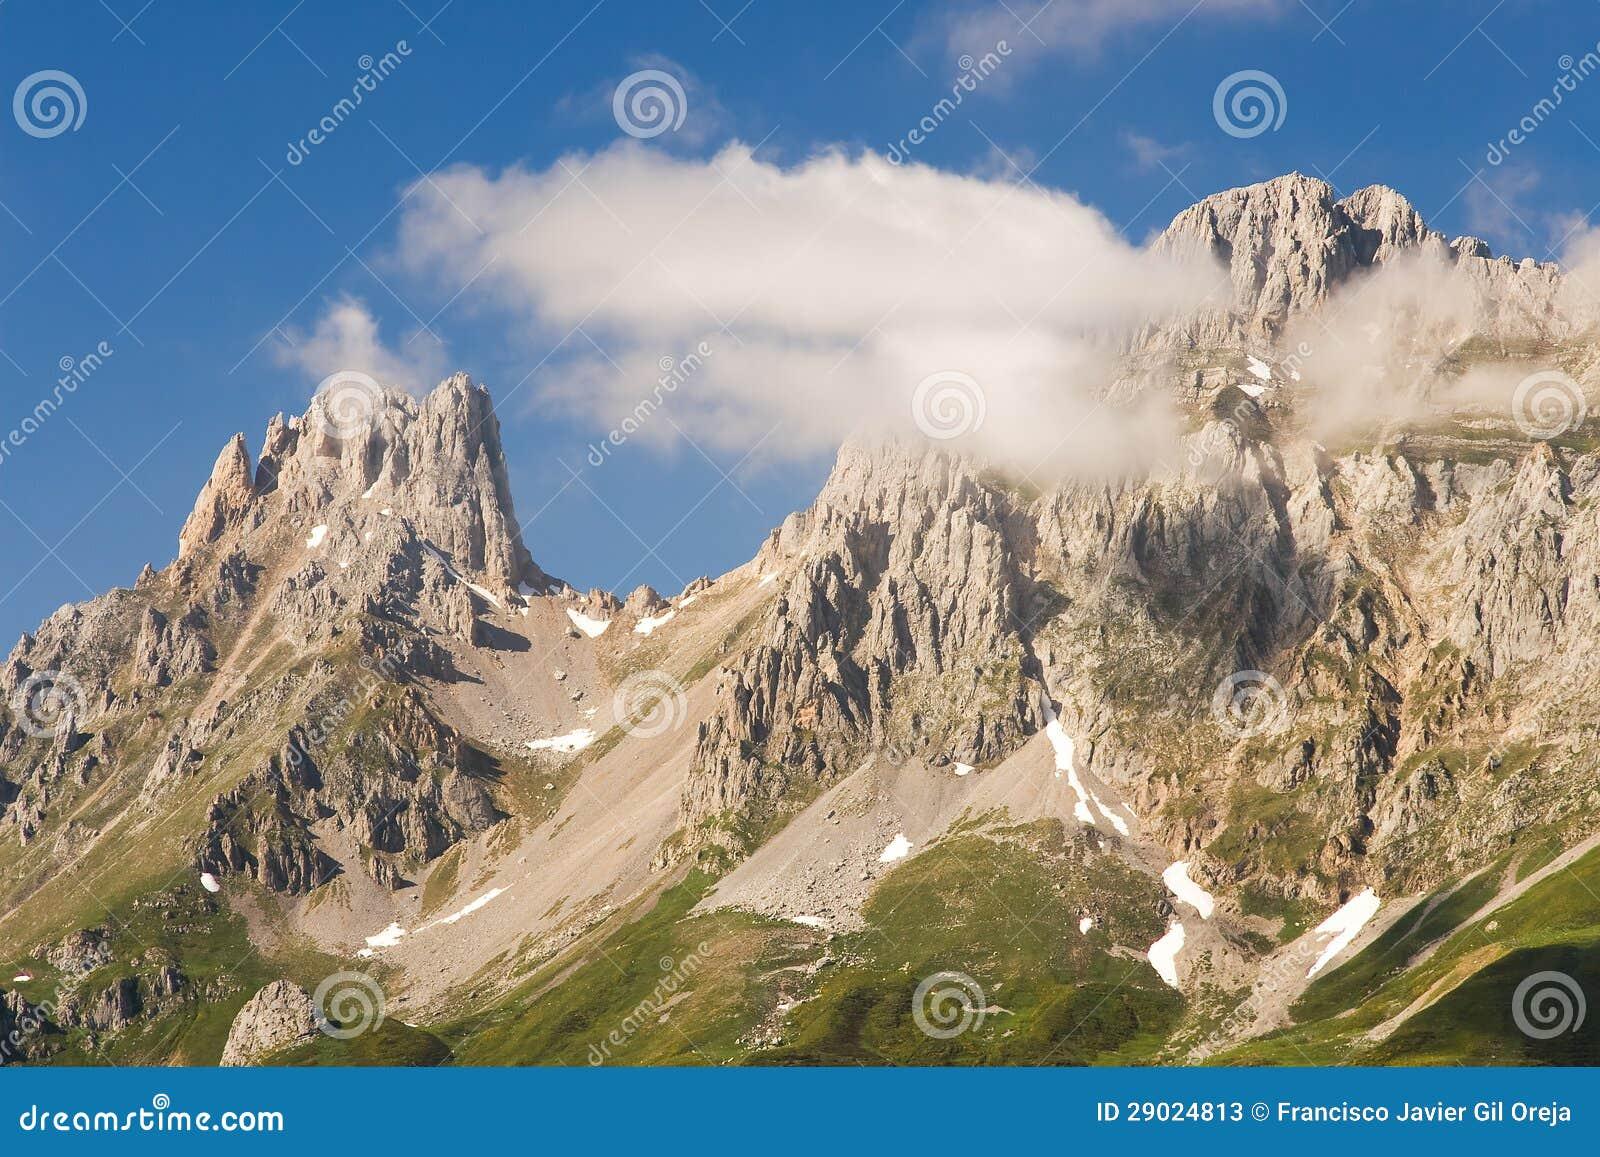 Parque nacional de Picos de Europa, Leon